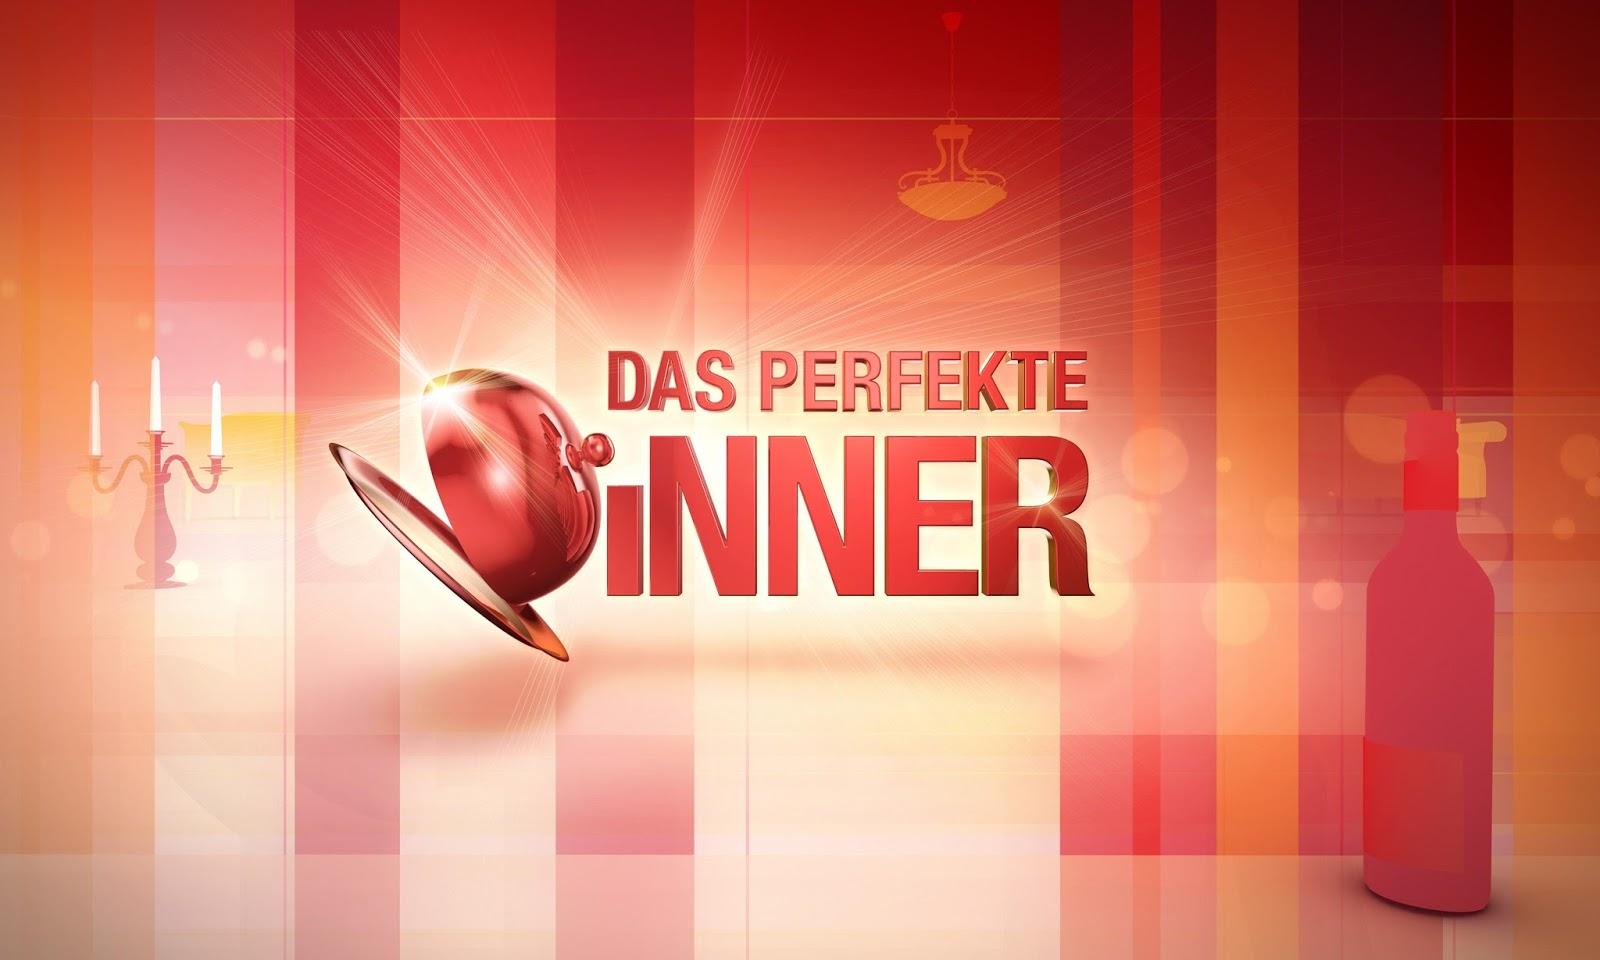 Perfekte Dinner Vox Now